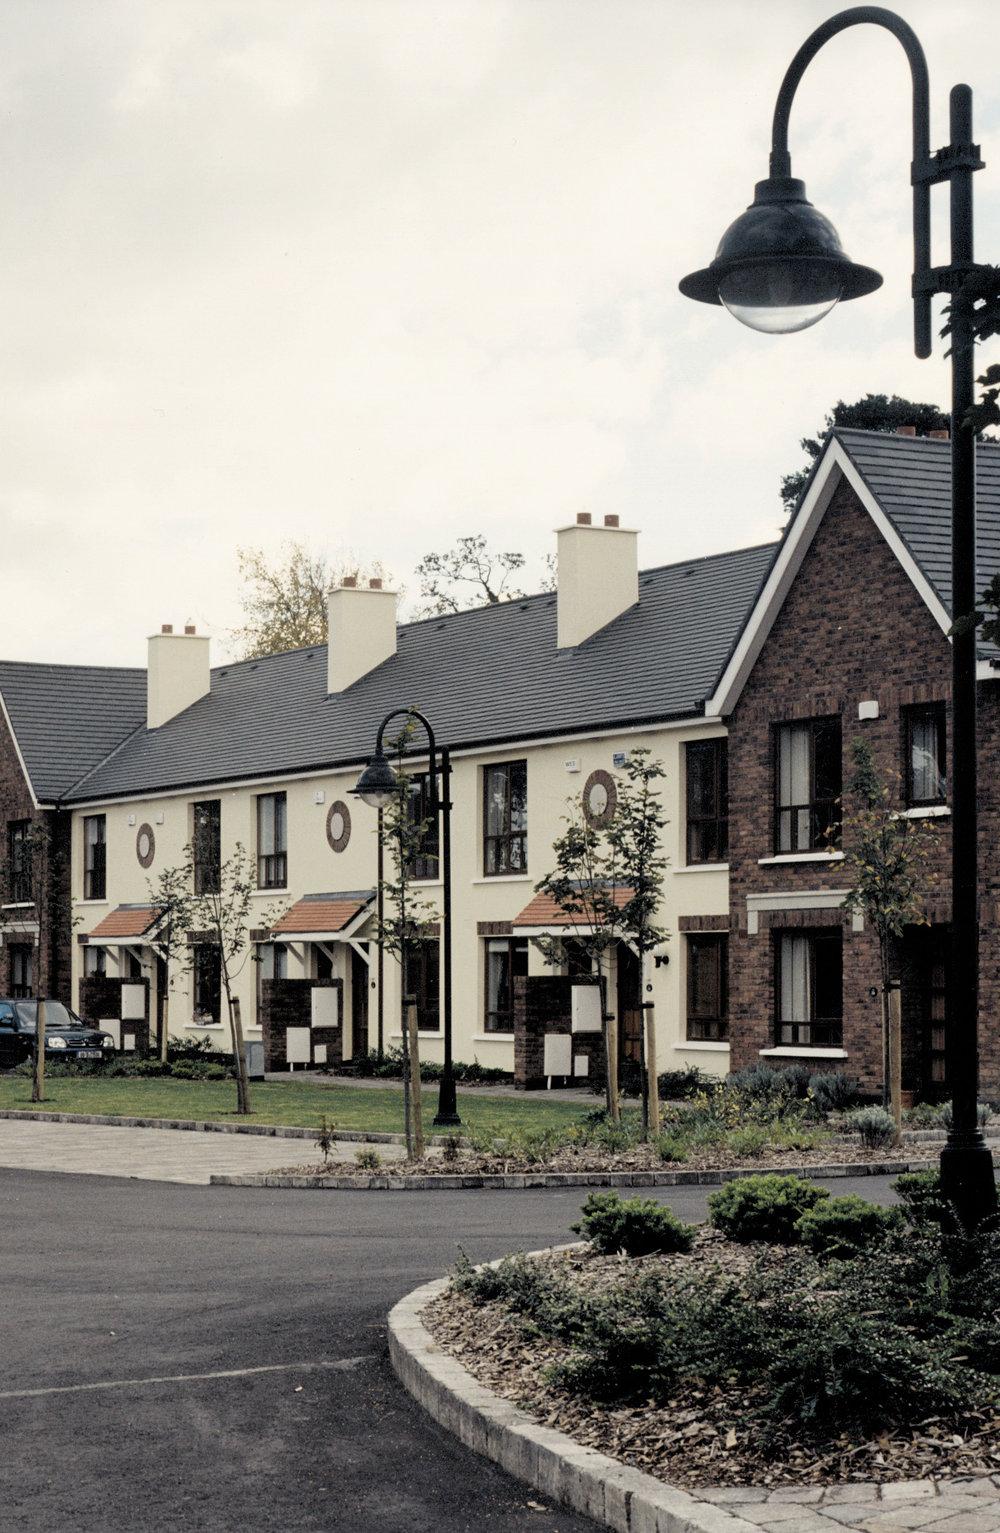 Residential Develoipment in County Dublin